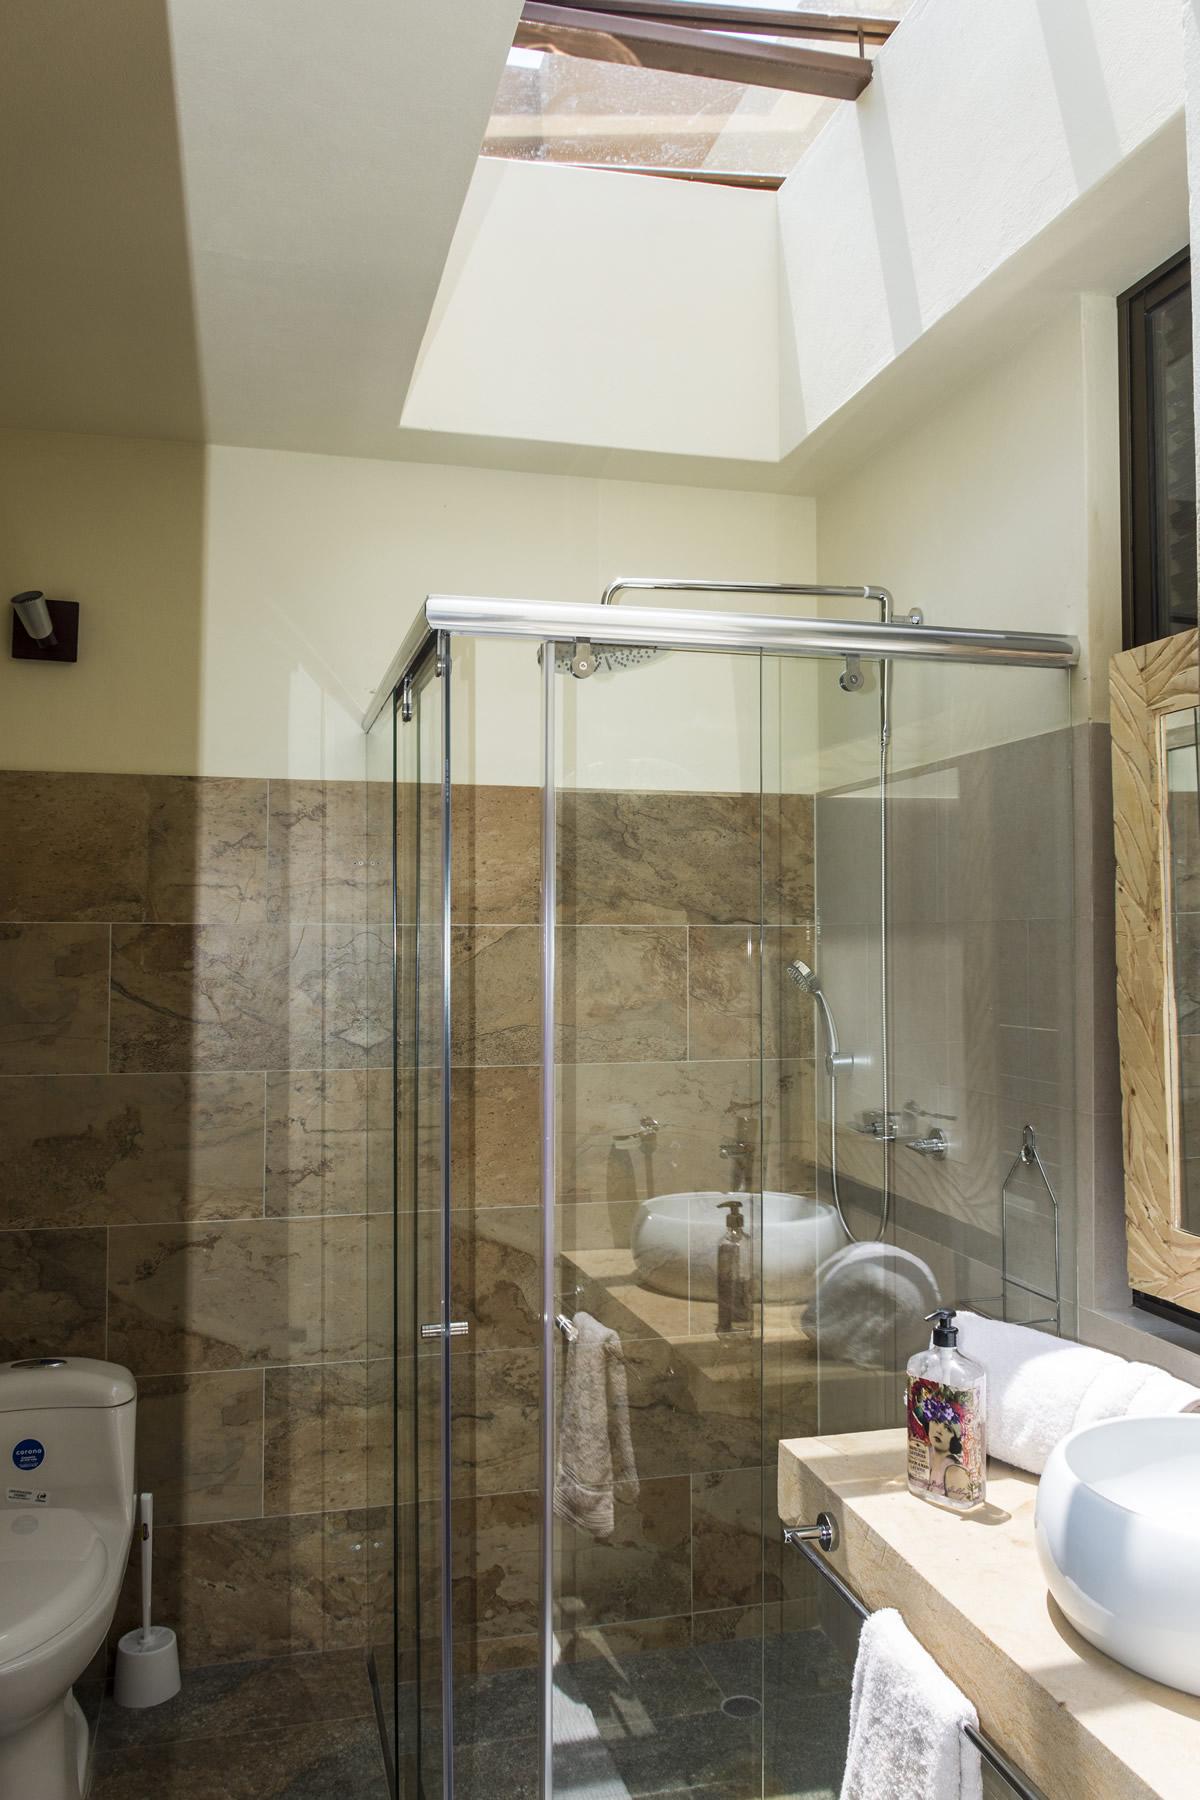 baño Habitaciónn principal de la casa ecce homo villa de leyva